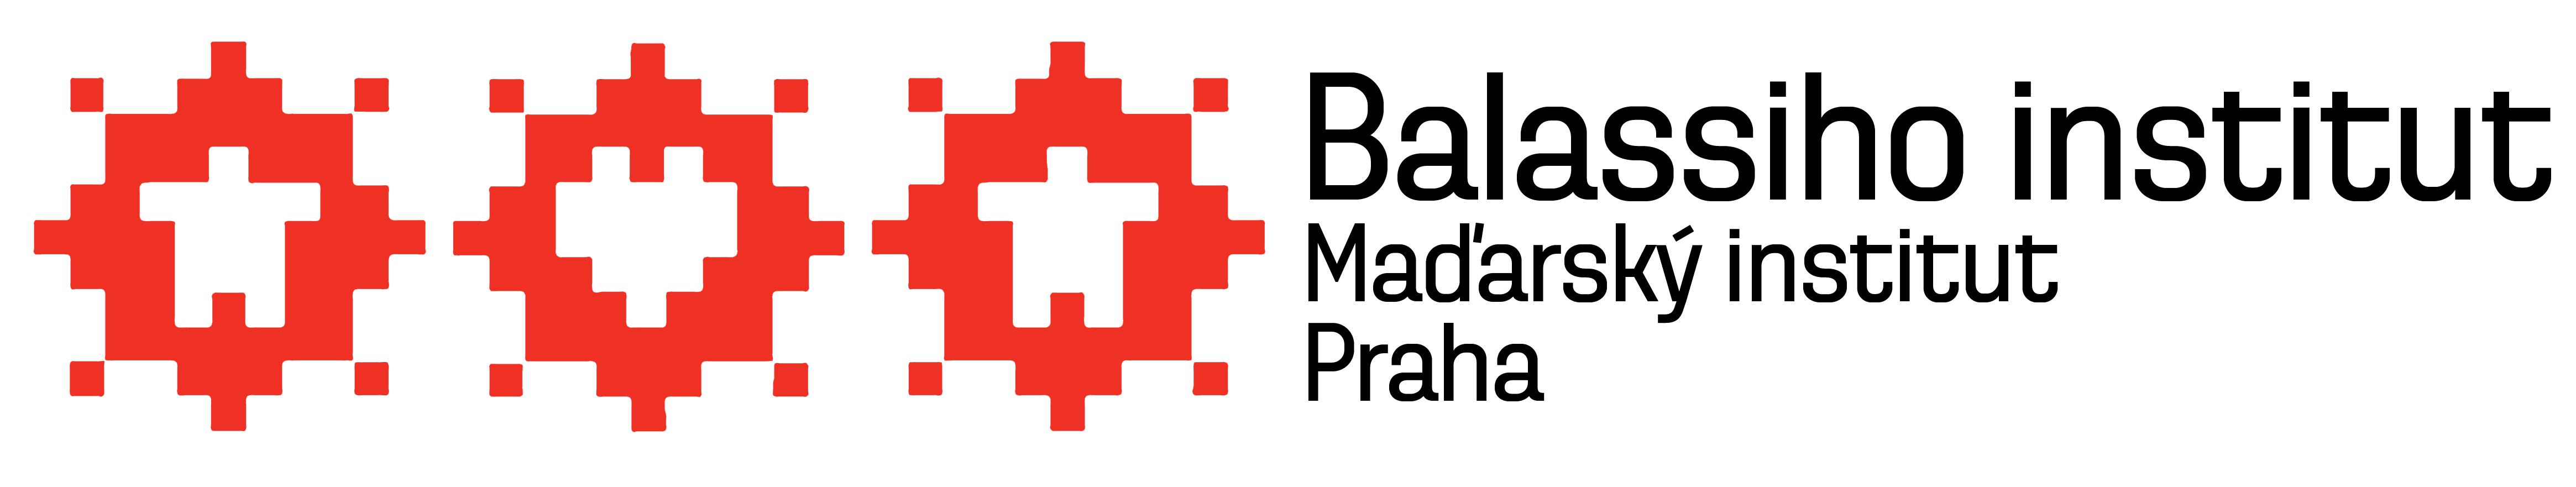 Balassiho_institut